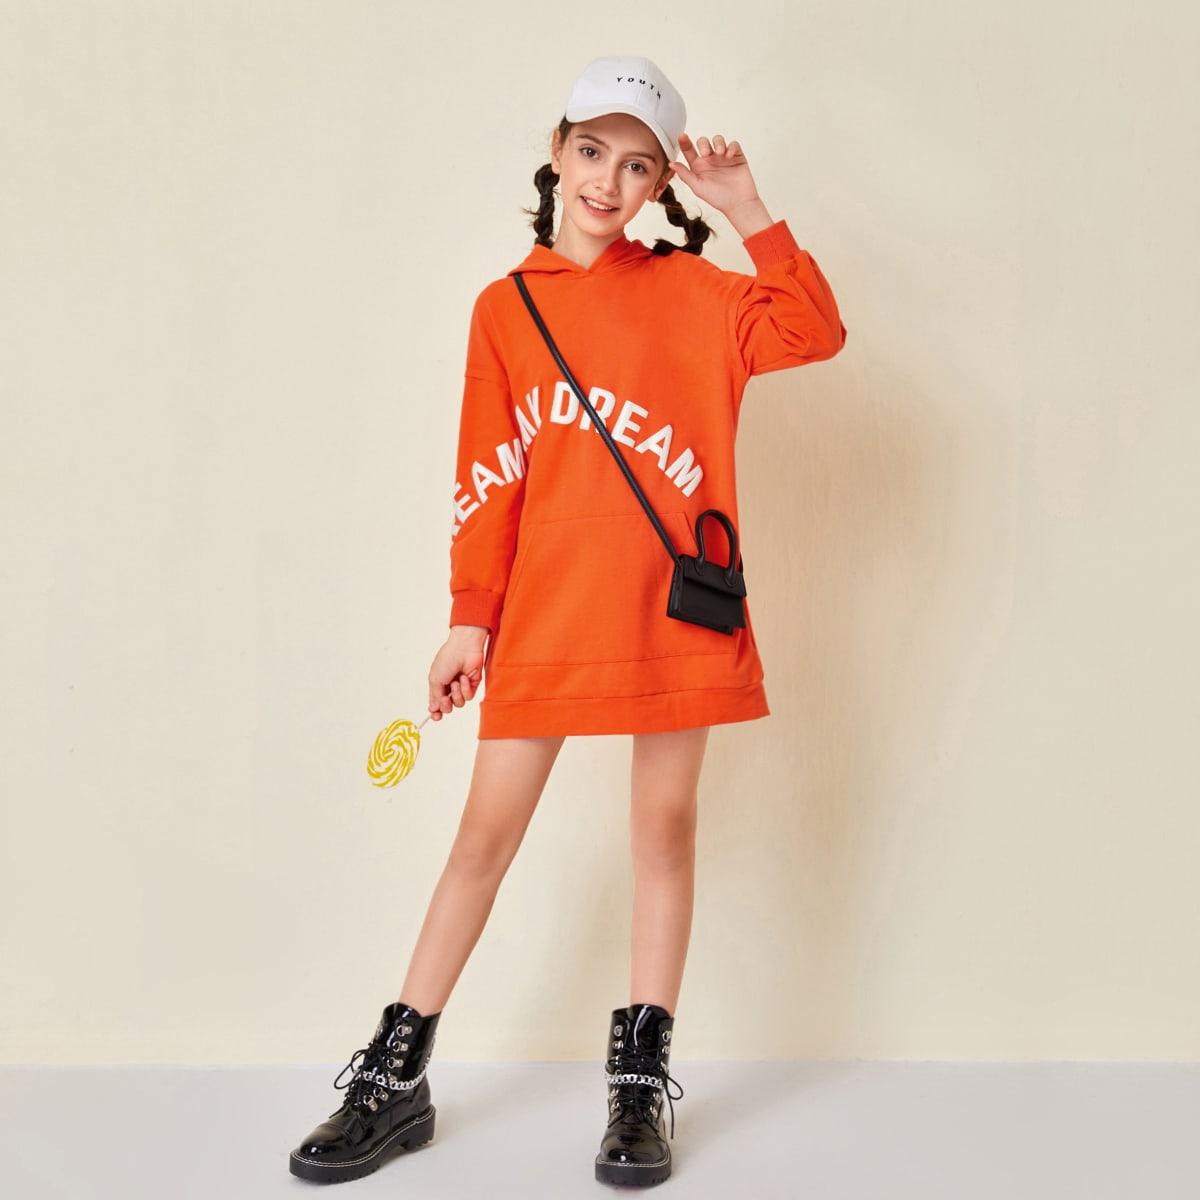 Неоновое оранжевое платье-свитшот с капюшоном и текстовым узором для девочек